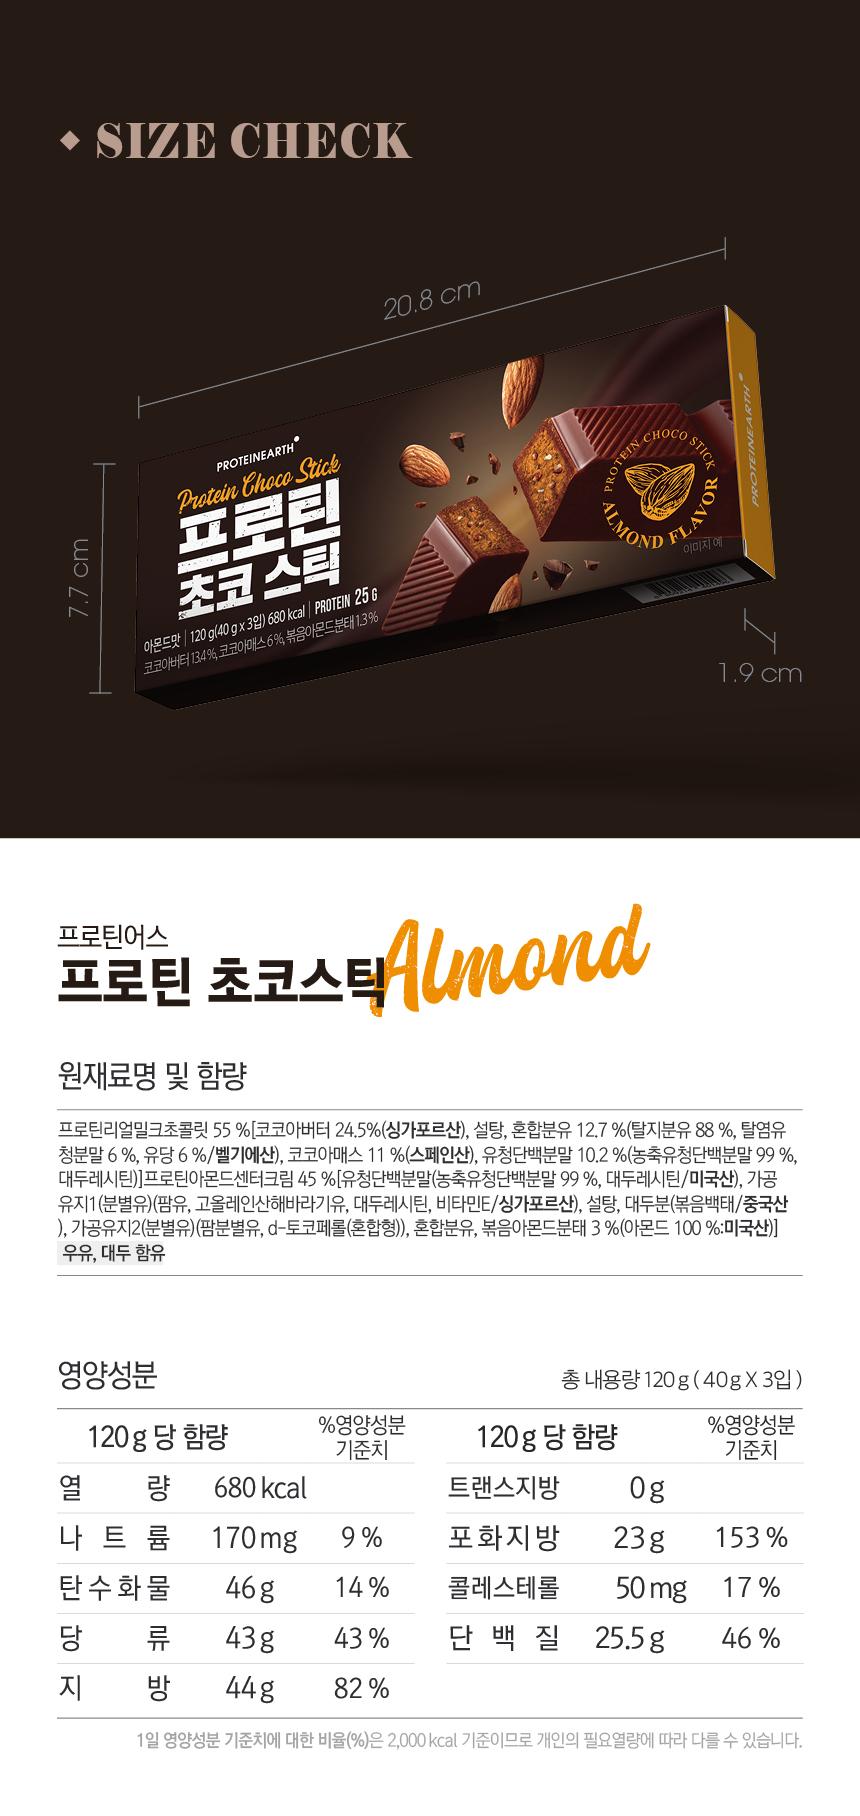 정보_아몬드01